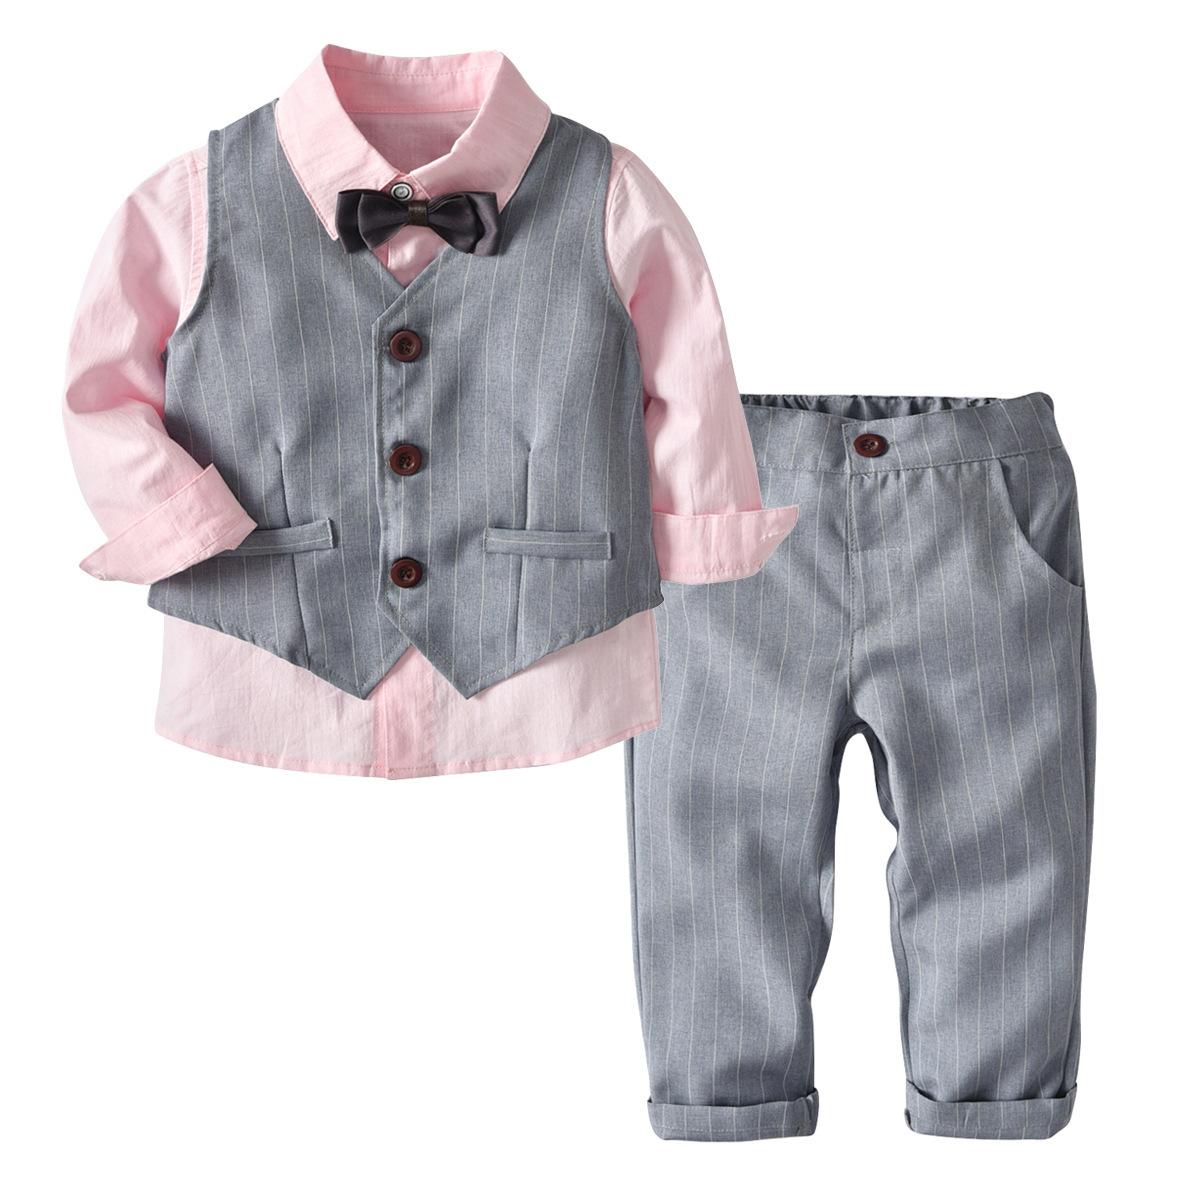 Đồ Suits Quần áo trẻ em xuyên biên giới áo dài tay áo vest quần quý ông thắt nơ quý ông phù hợp với